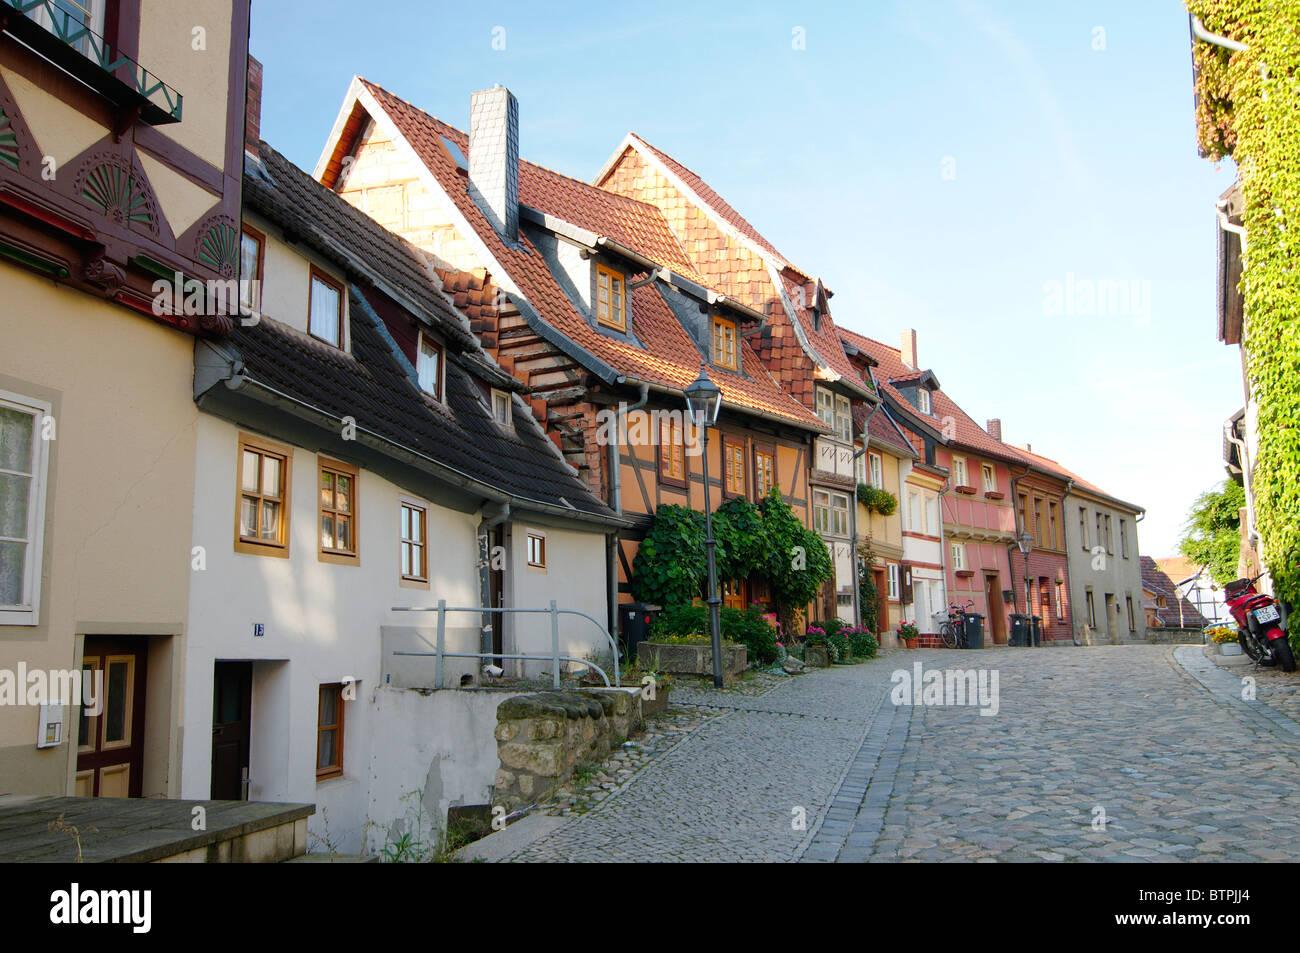 Allemagne, Harz, Quedlinburg, maisons à pans de bois Photo Stock